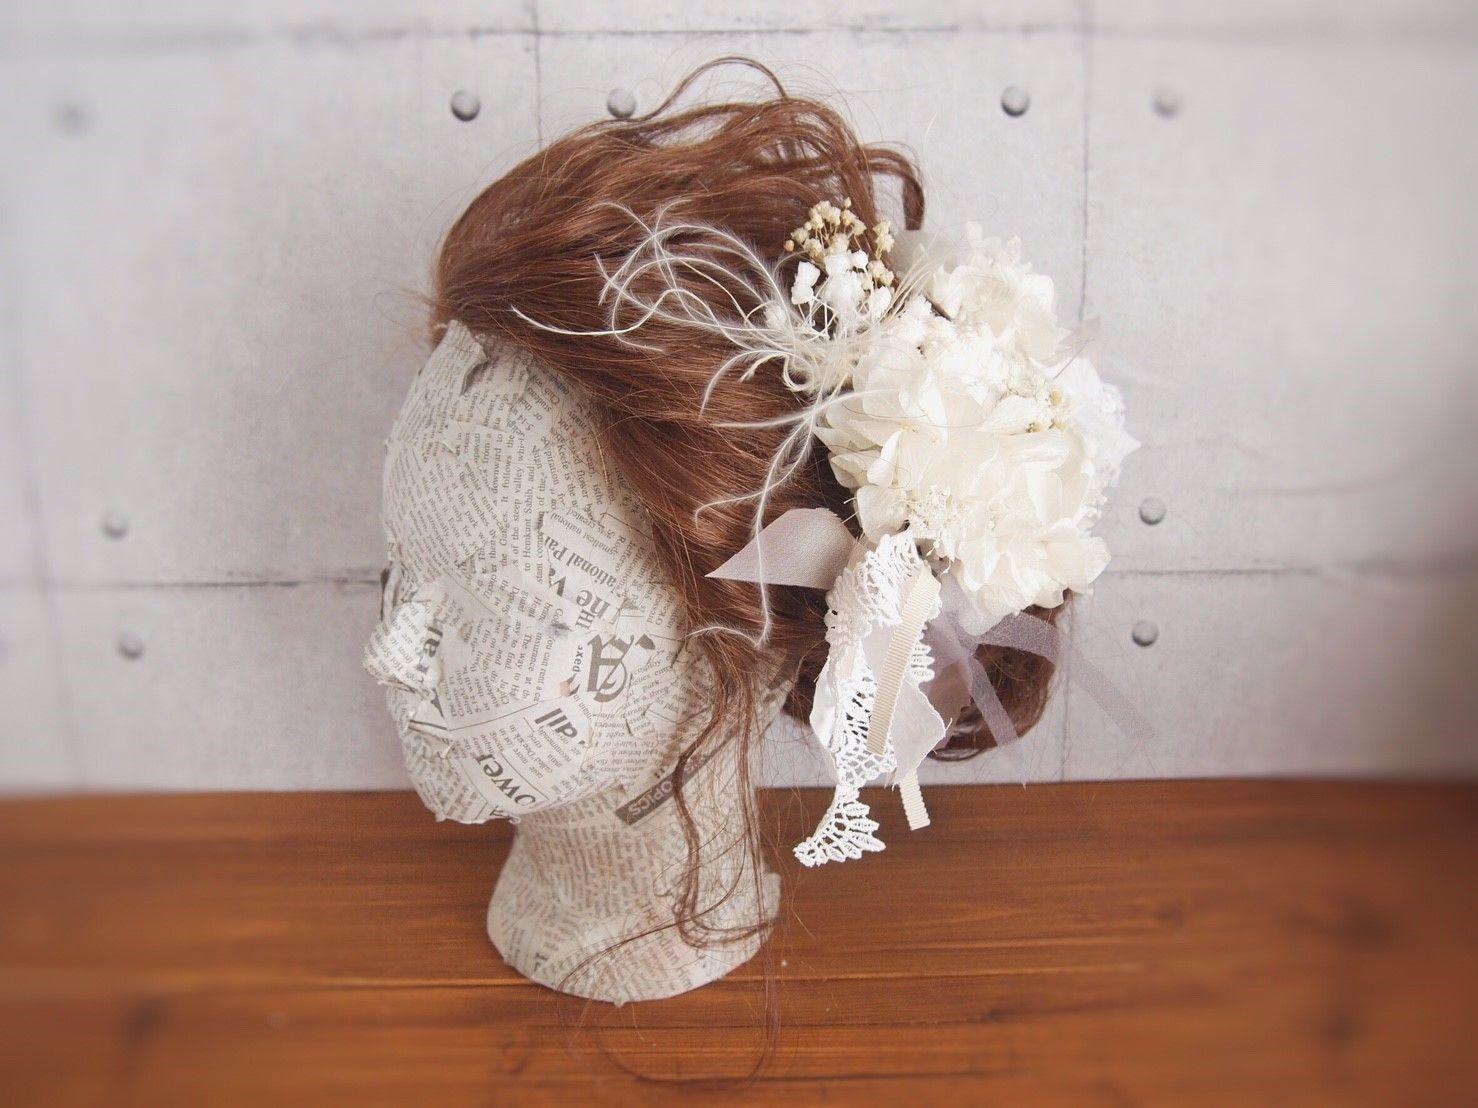 shiro プリザーブドフラワーとチュールのヘッドドレス